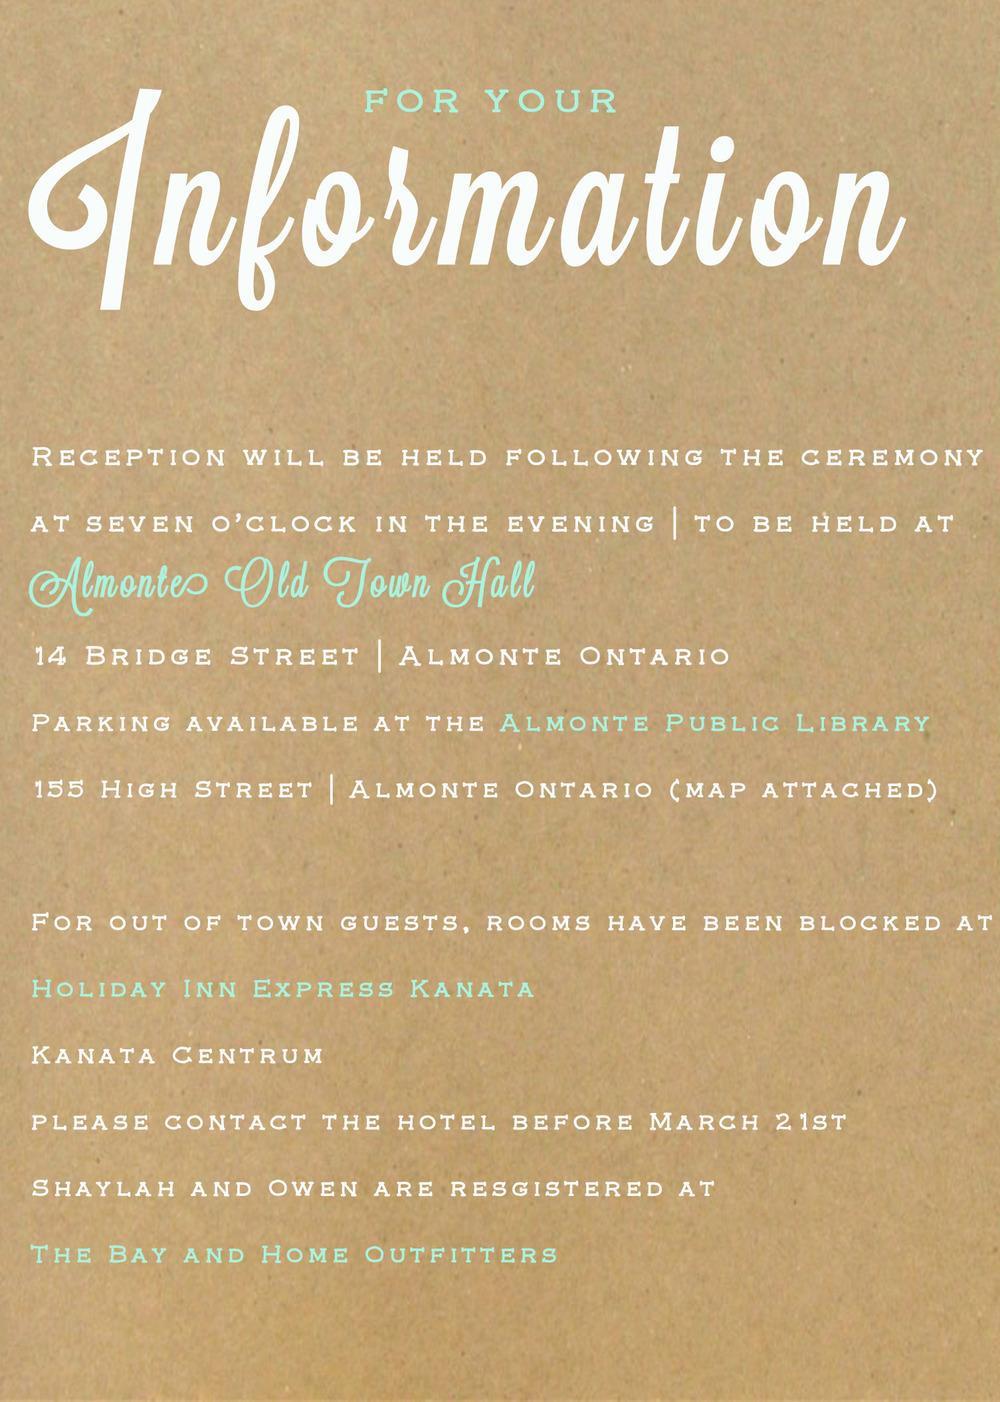 invitationinformationsample.jpg